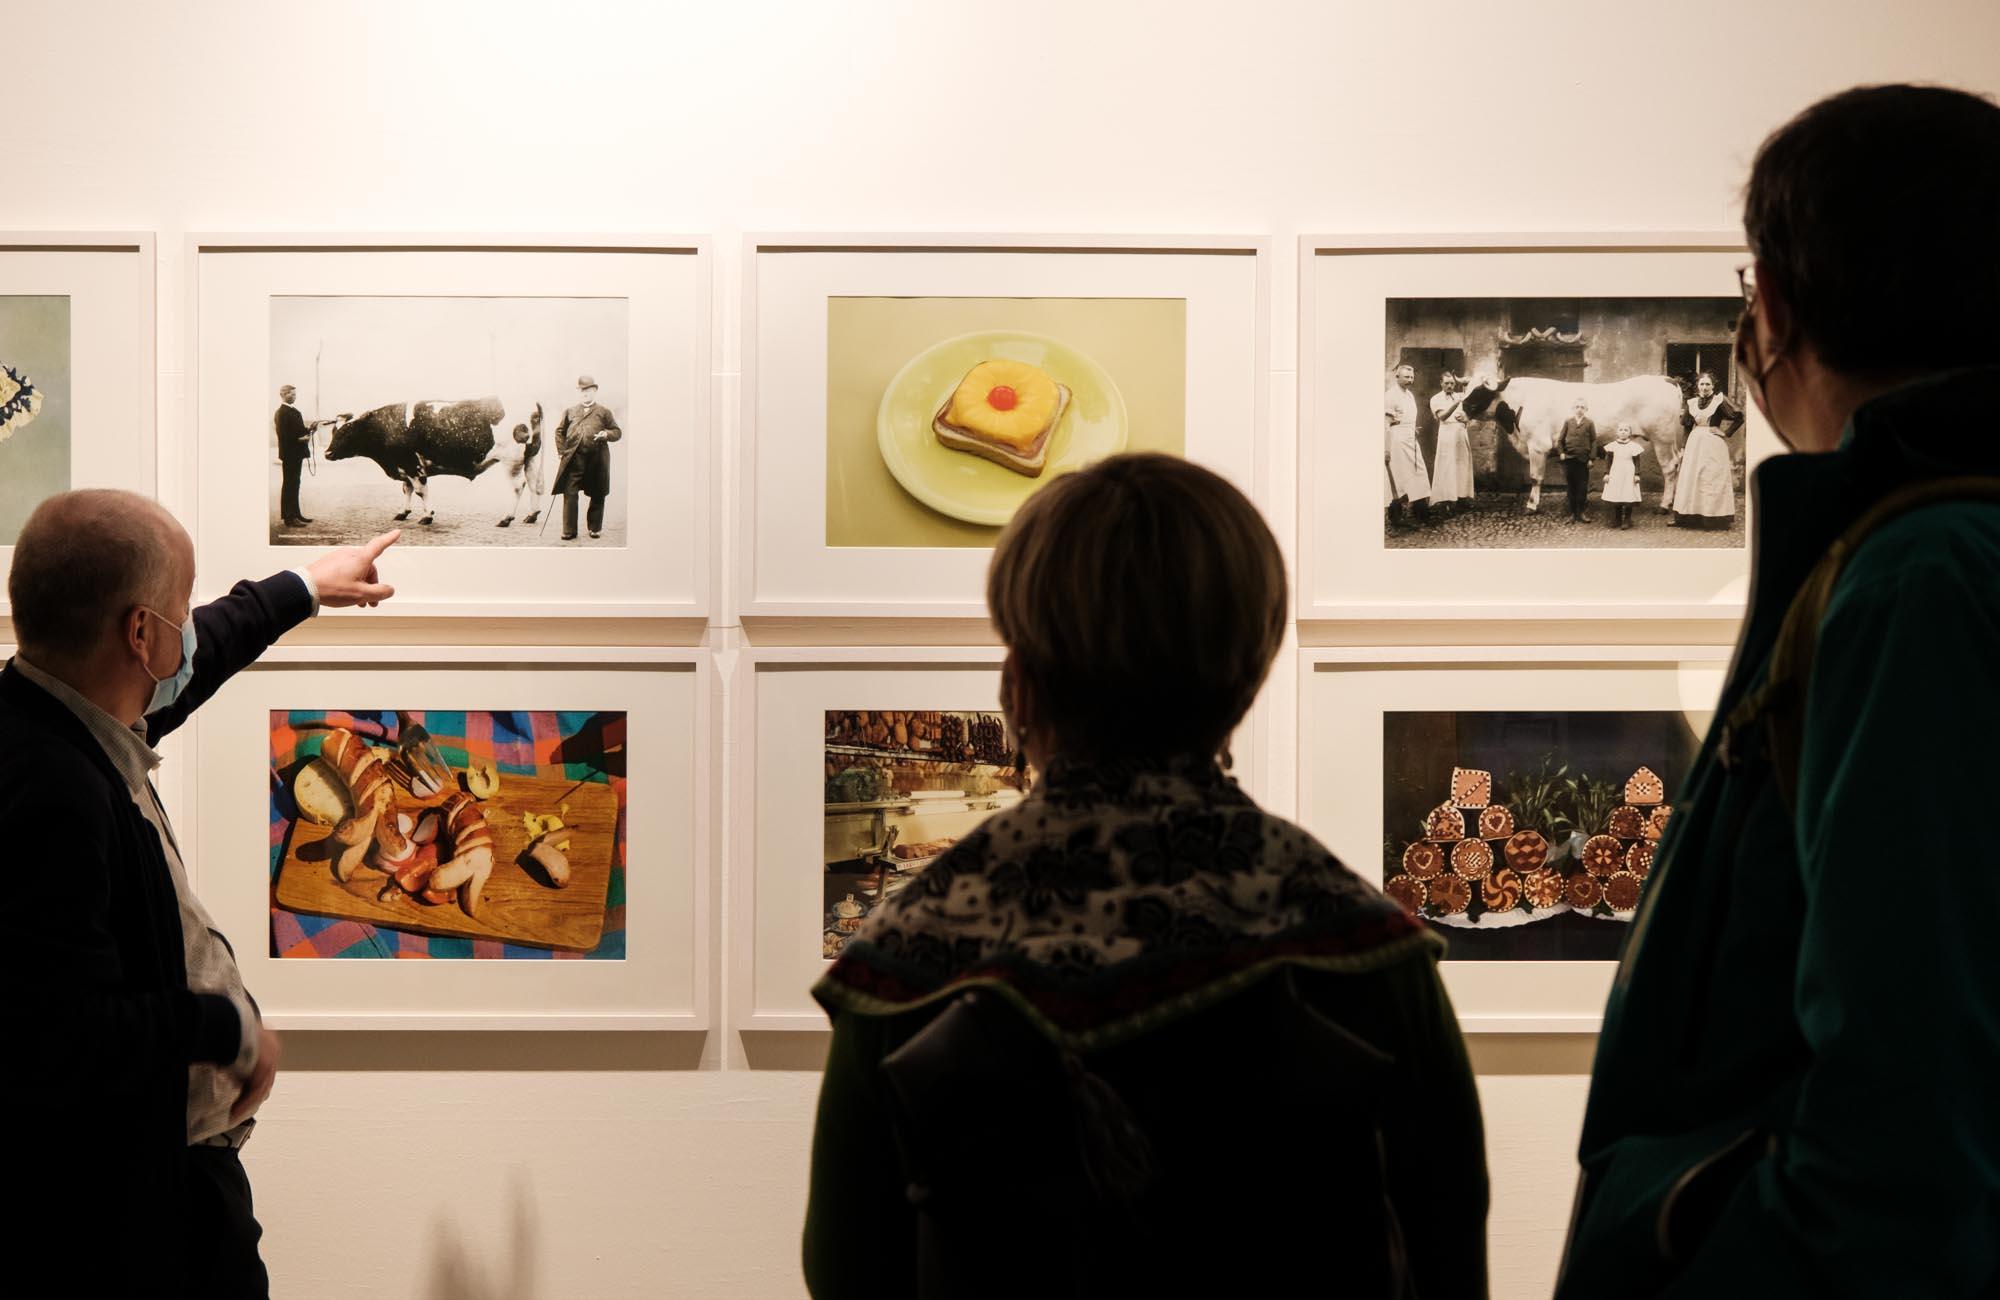 Kometenparade - Wintermarkt der unabhängigen Verlage,                                                                                                                                                                                                                           Samstag, 05.12.20                               /                                   11.00                              -                                  20.00                              Uhr                                                                                  <br/>(c) Sebastian Wenzel